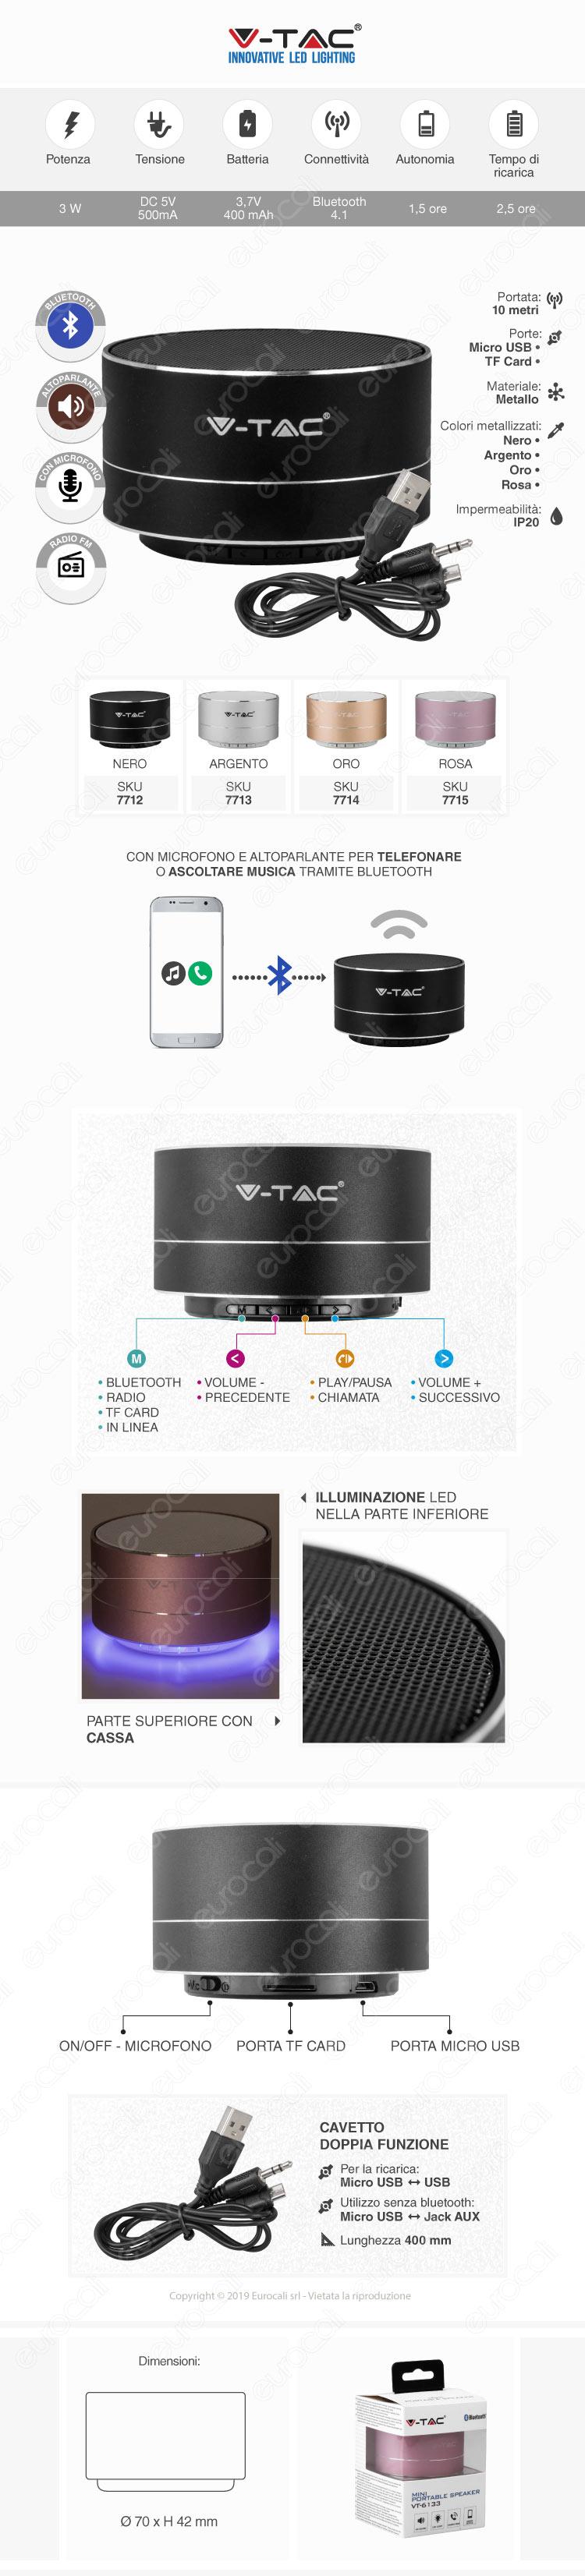 V-Tac VT-6133 Speaker Bluetooth Portatile 3W con Microfono Ingresso MicroSD e Radio FM